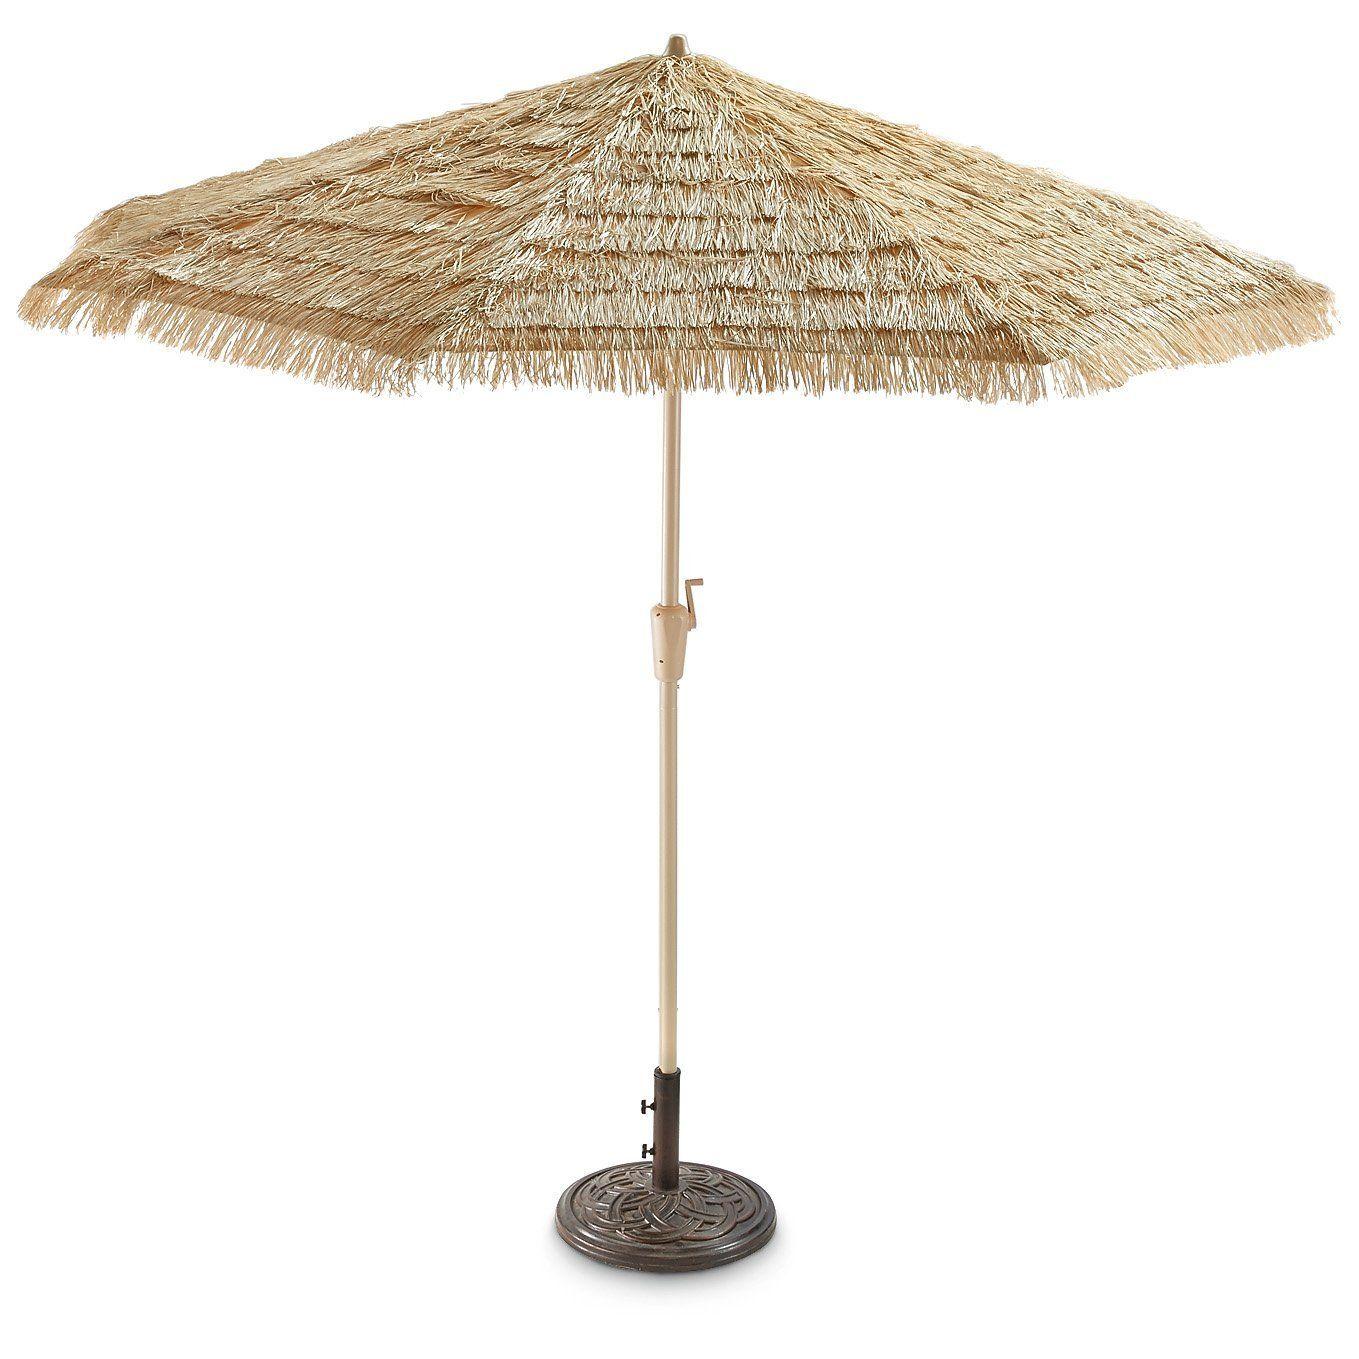 Thatched Tiki Umbrella Patio Lawn Garden